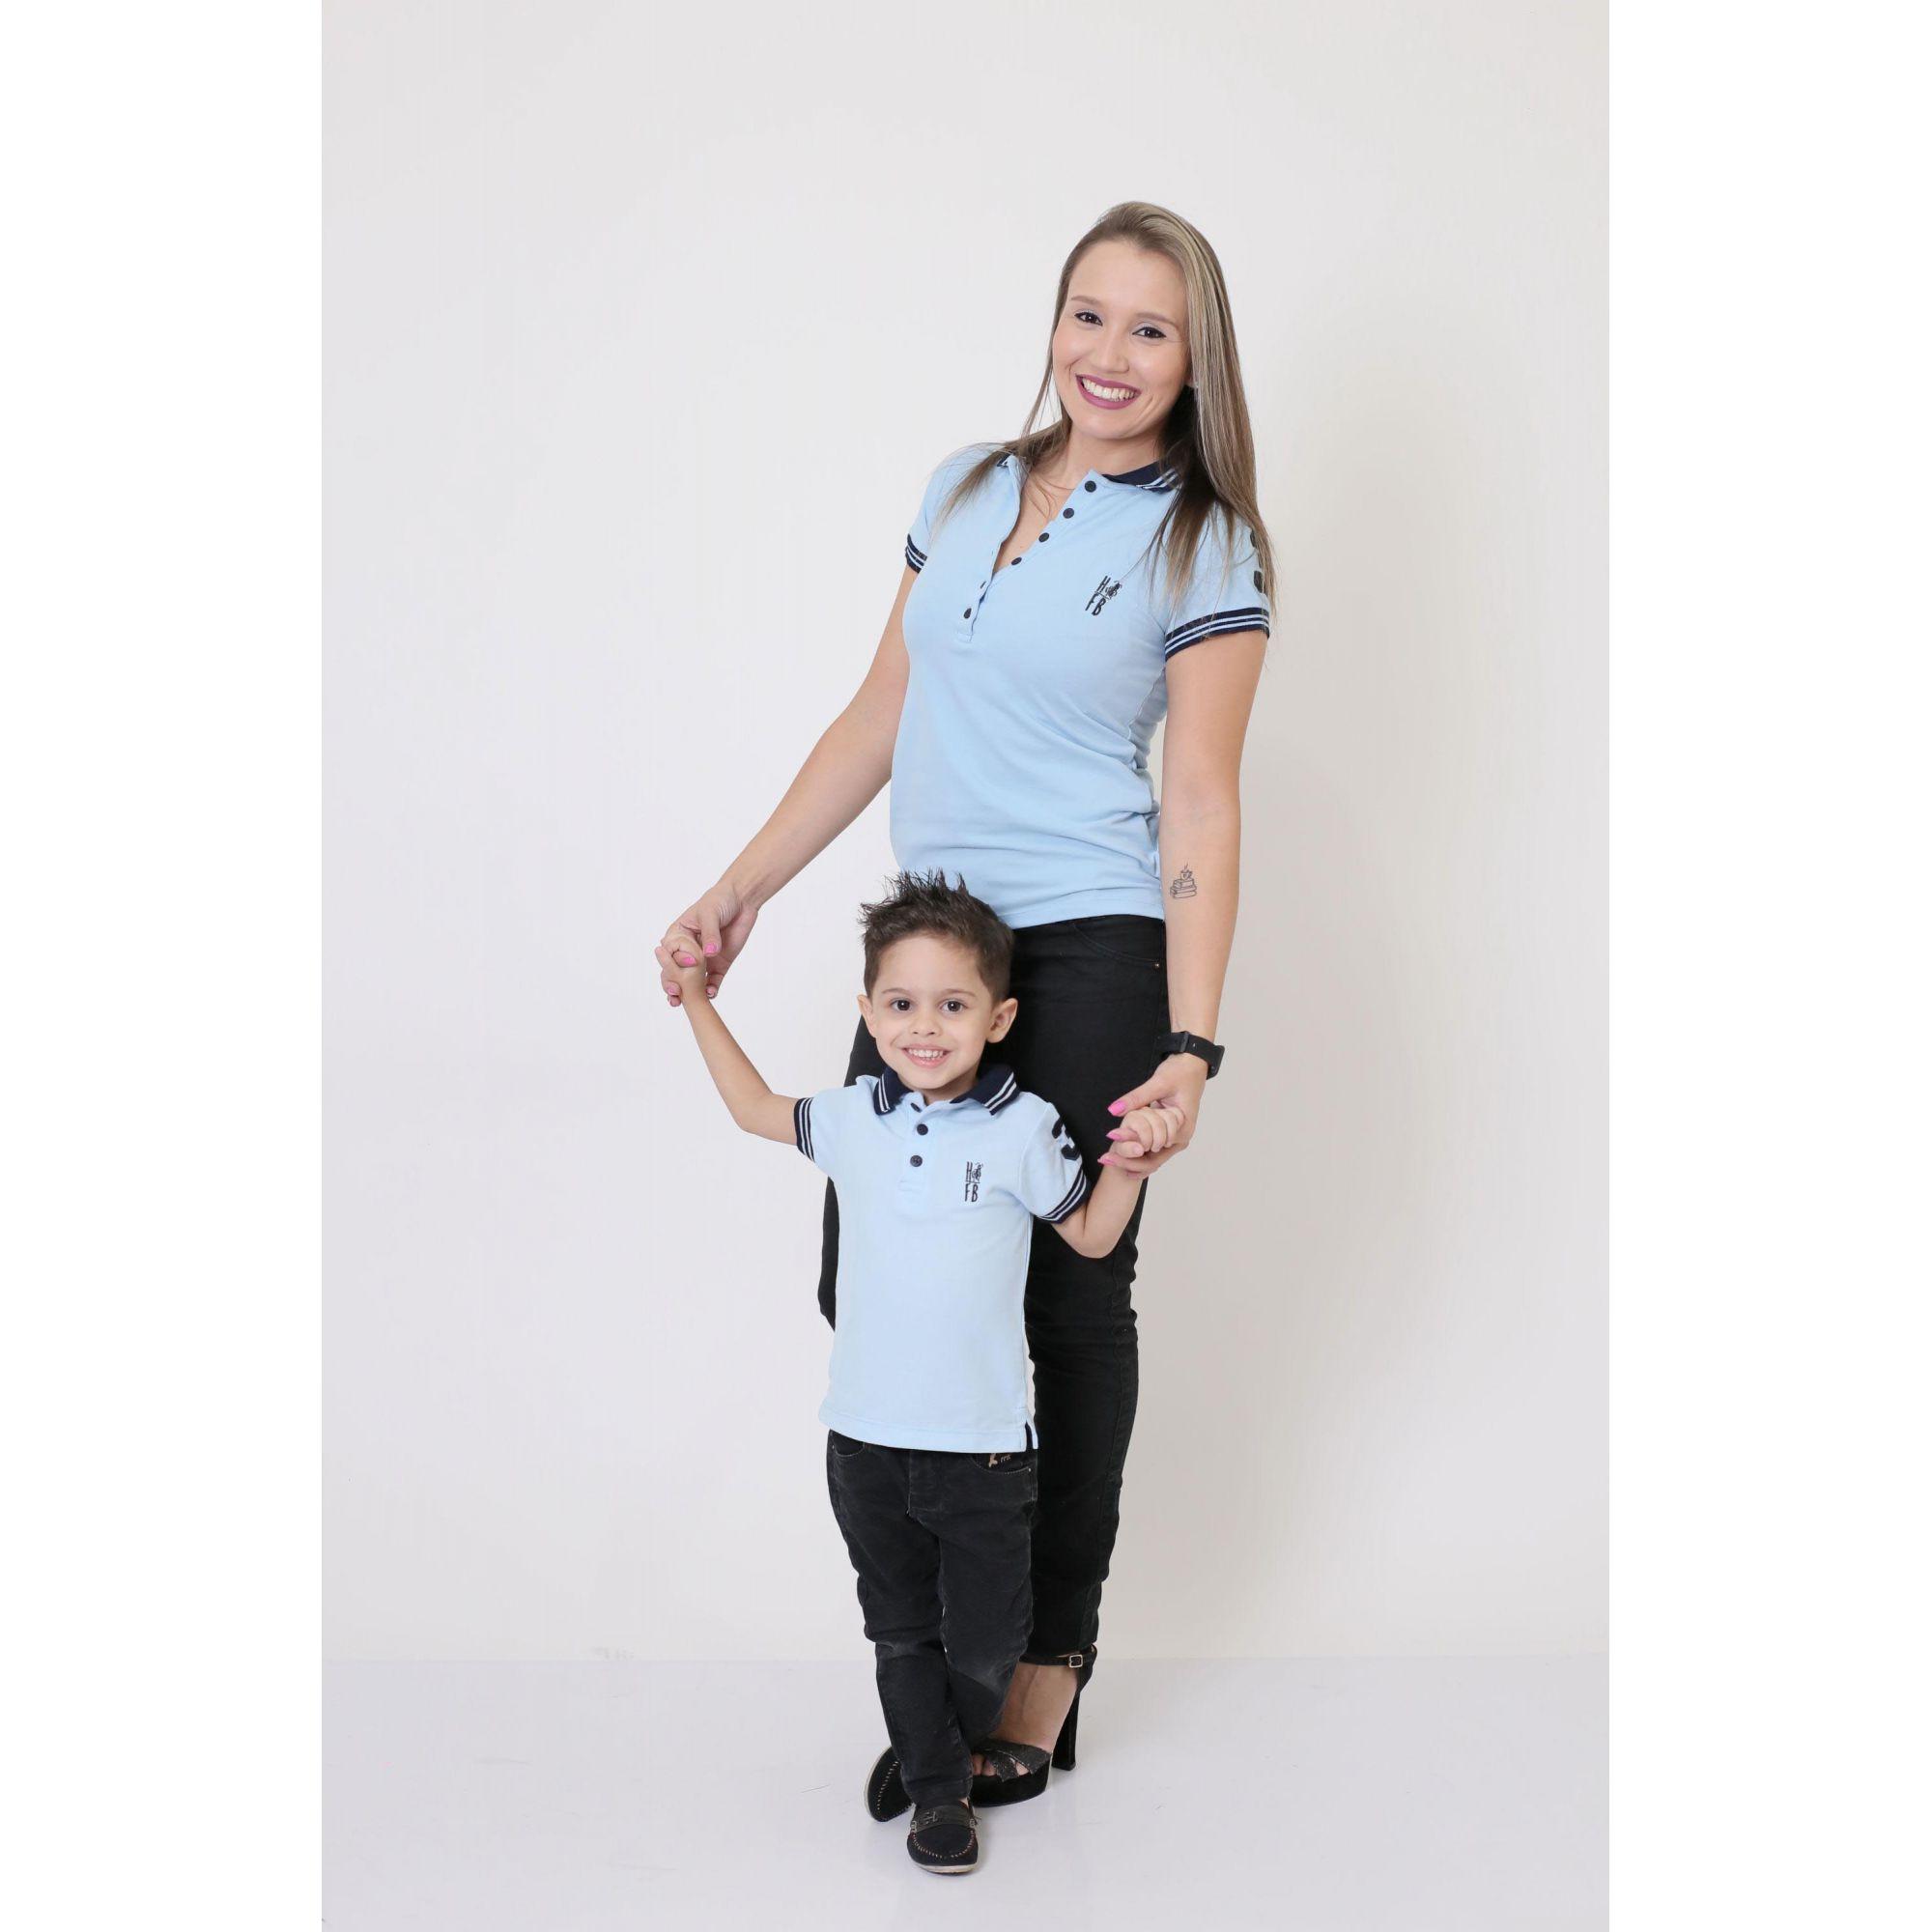 MÃE E FILHO > Kit 02 Peças - Camisas ou Body Polo Azul Nobreza [Coleção Tal Mãe Tal Filho]